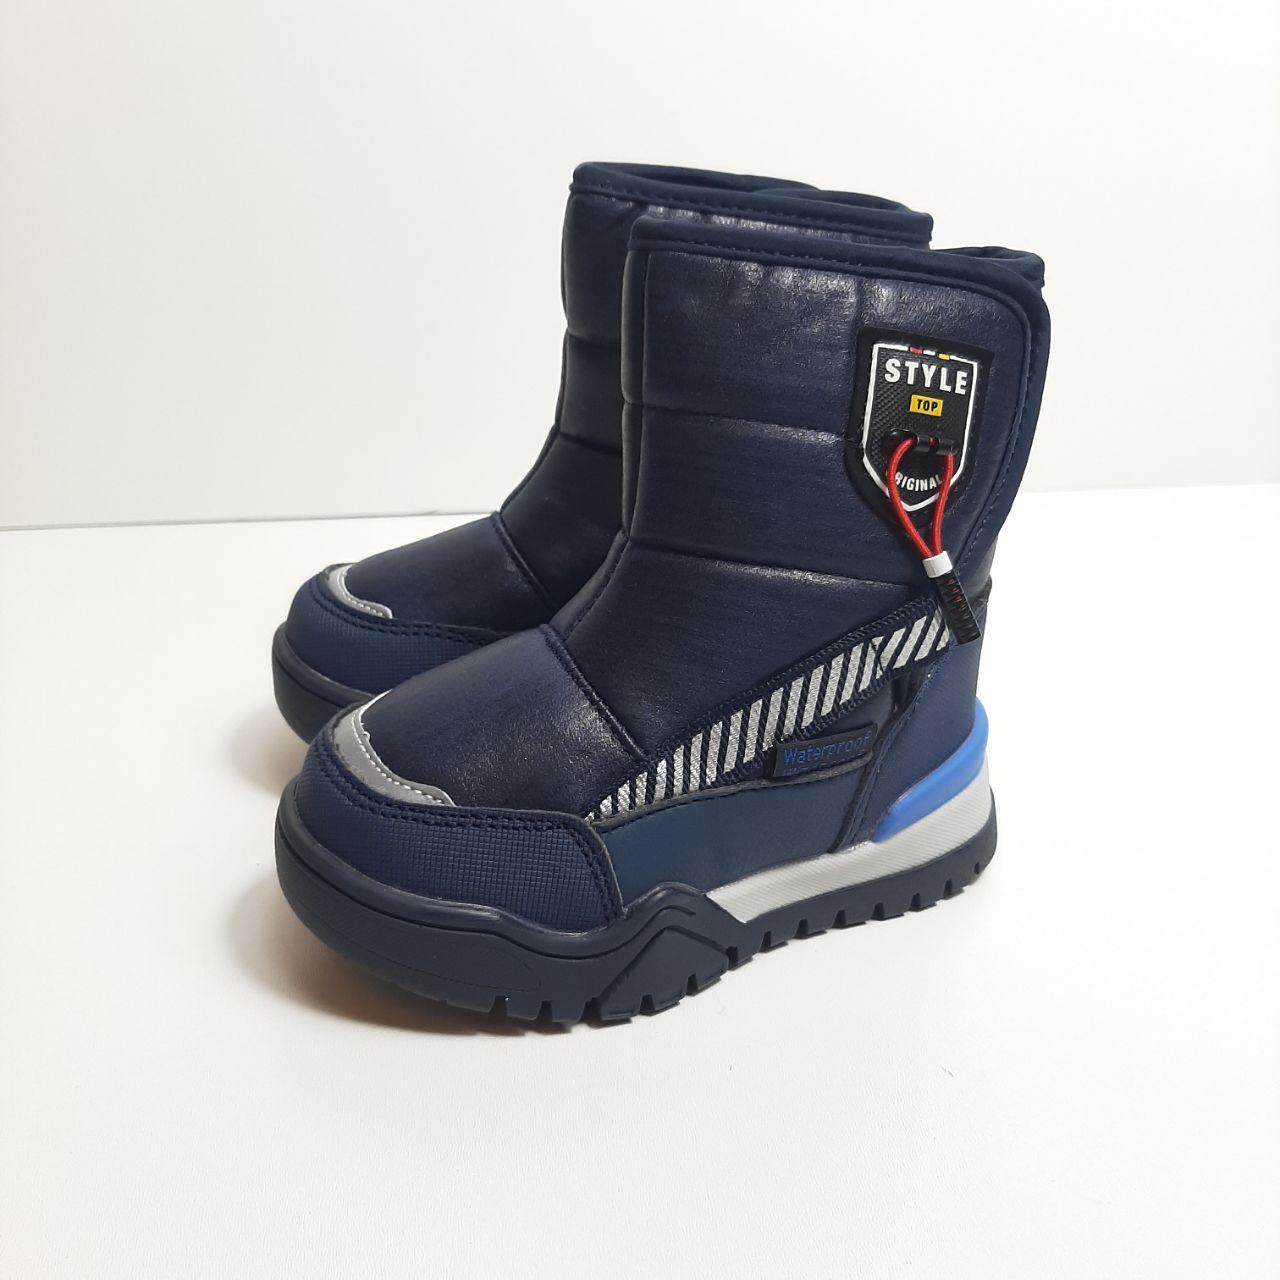 Зимние сапоги для мальчика Tom.m Синий р. 25 (16,3 см), 26 (17 см), 28 (18,2 см)